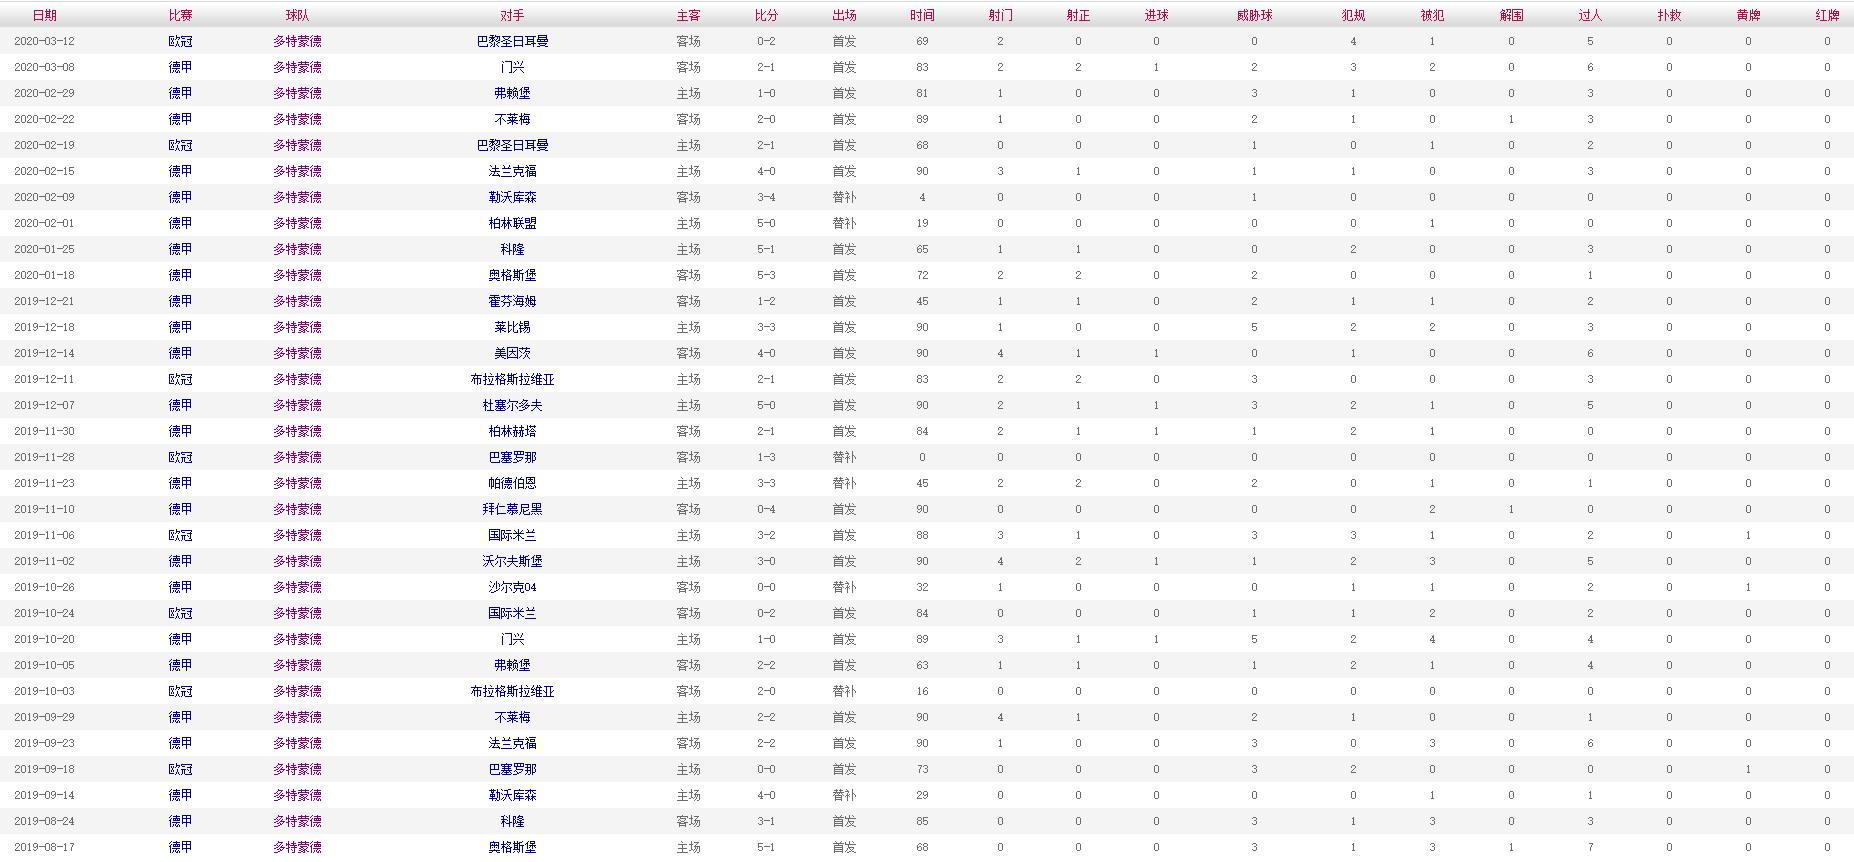 索尔根-阿扎尔 2019-2020赛季比赛数据